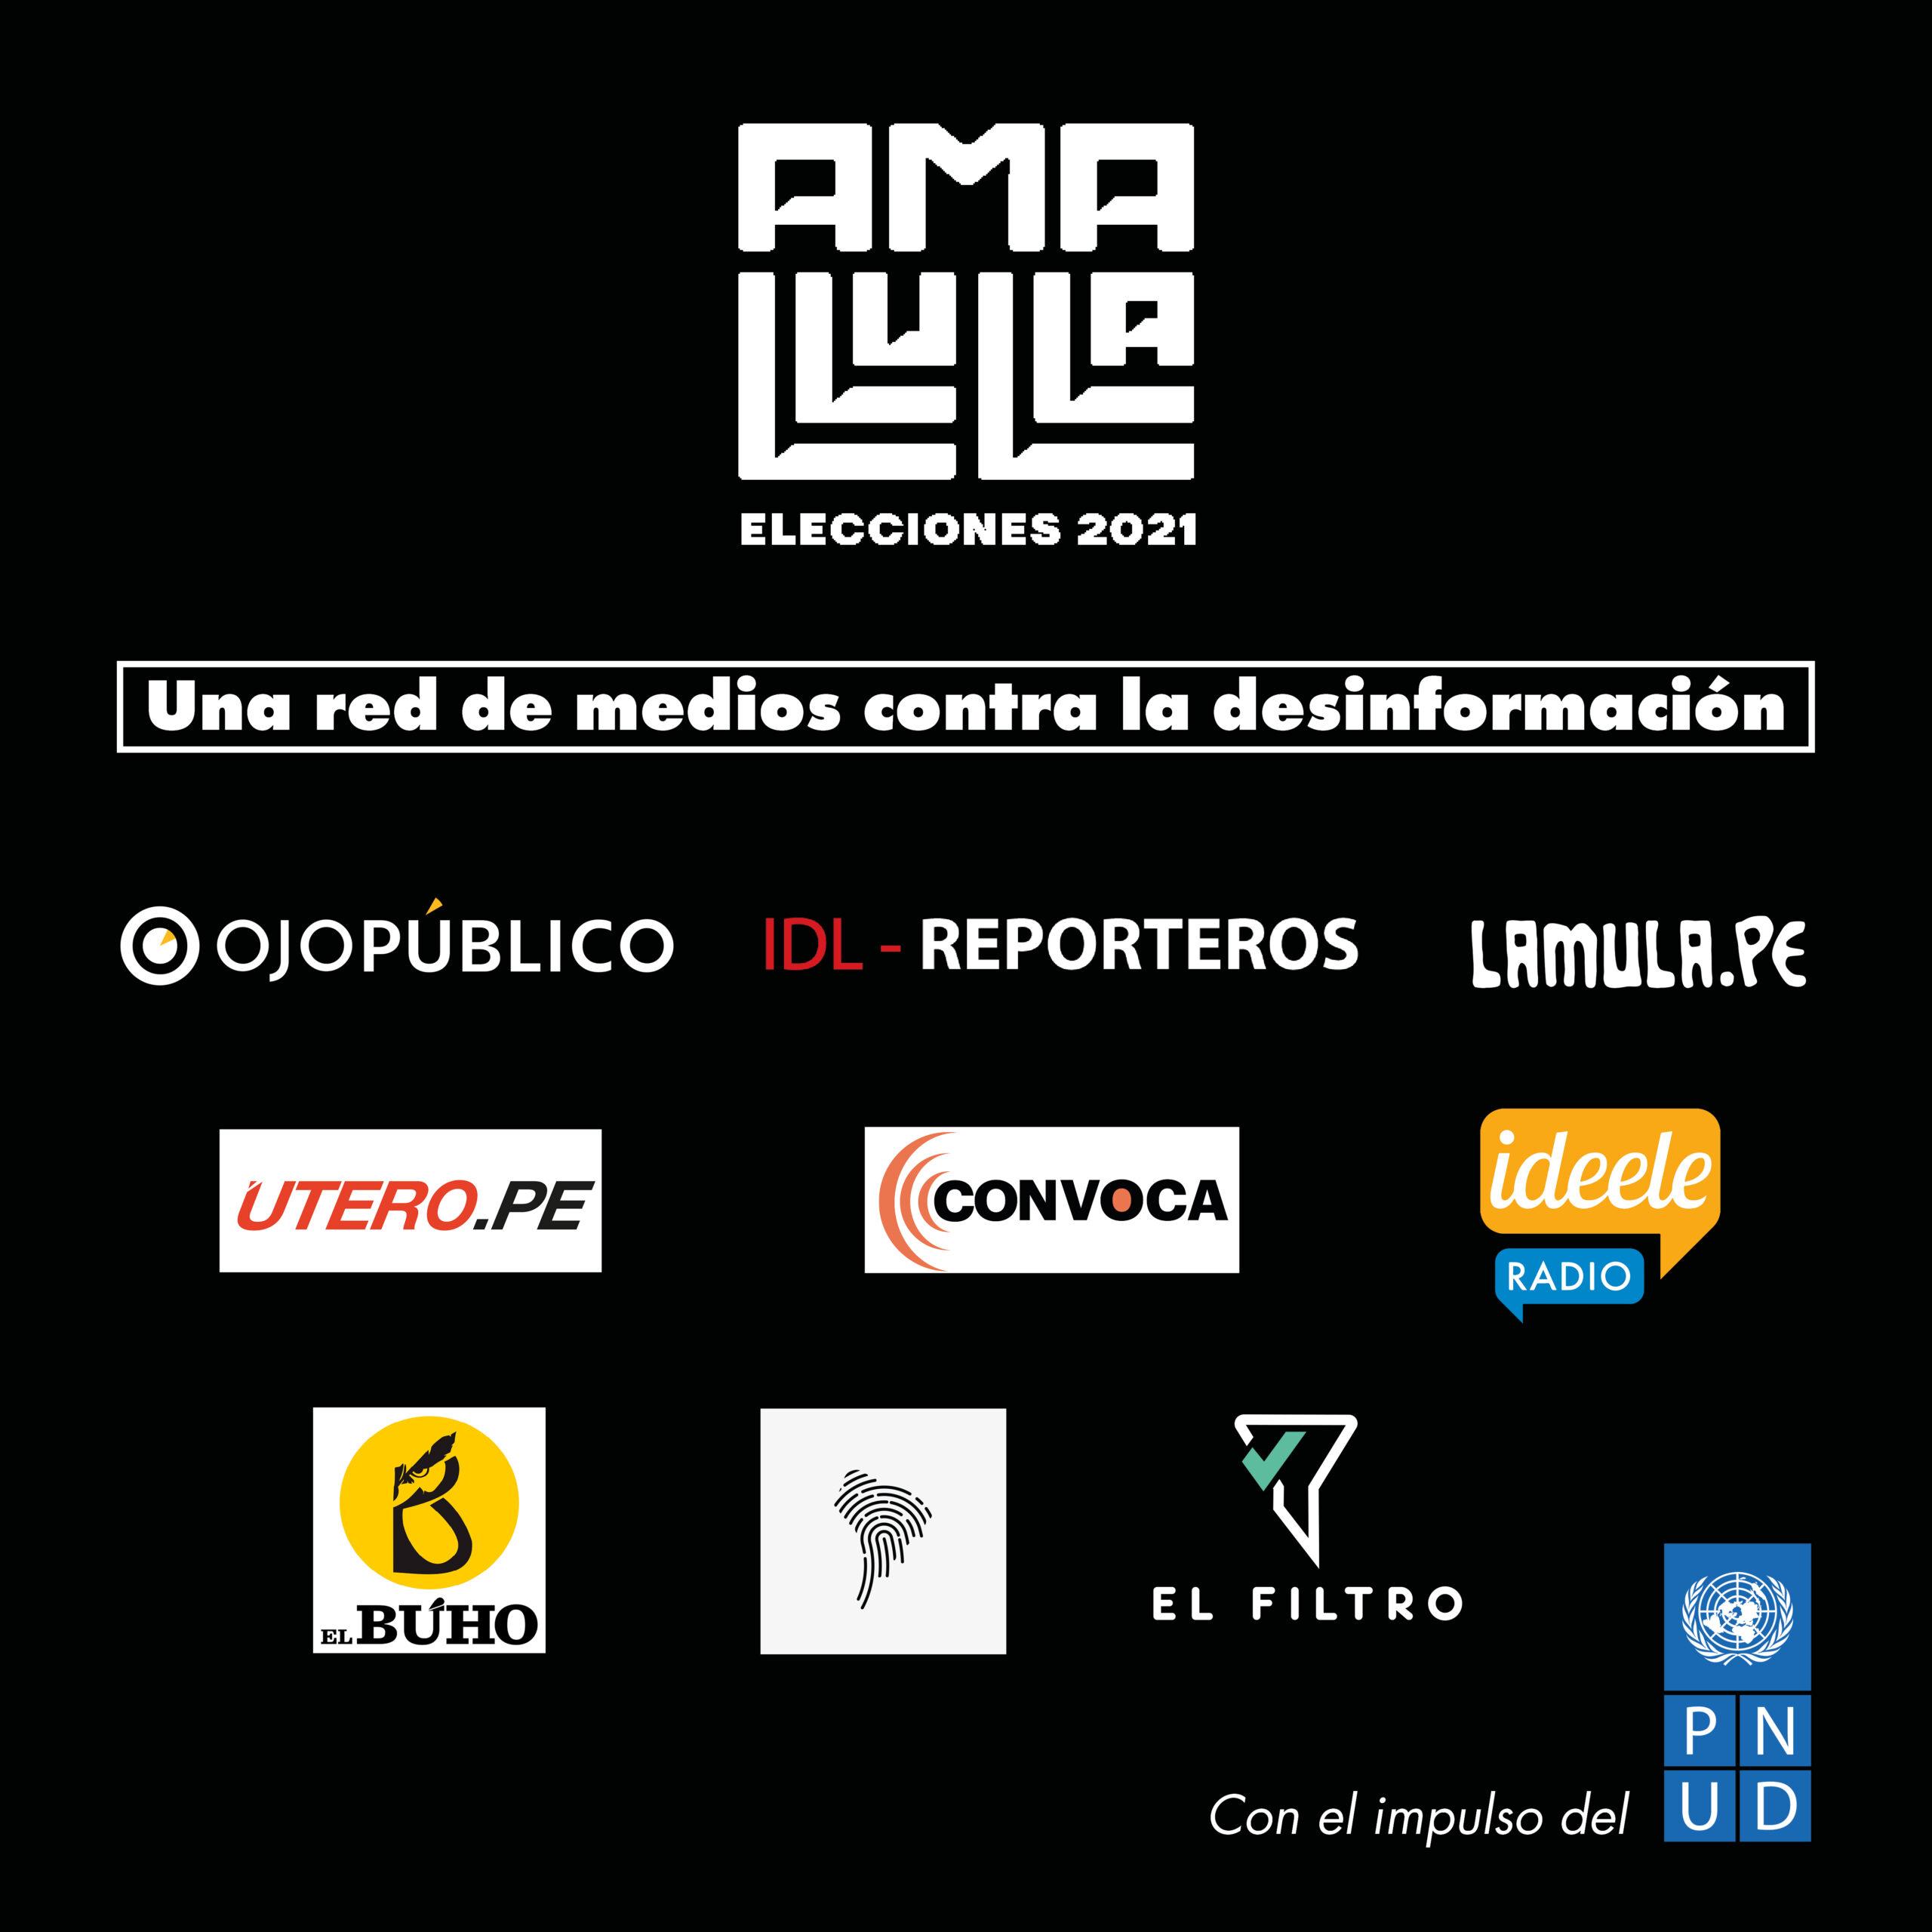 AMA LLULLA ALIADOS Perú